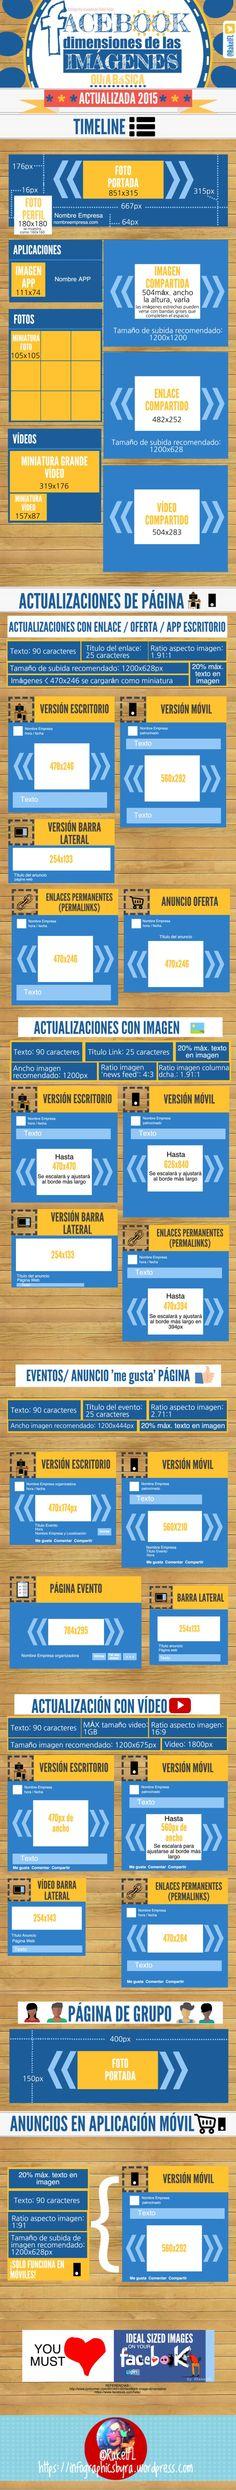 Guía básica de las dimensiones de las imágenes de Facebook. Infografía en español. #CommunityManager